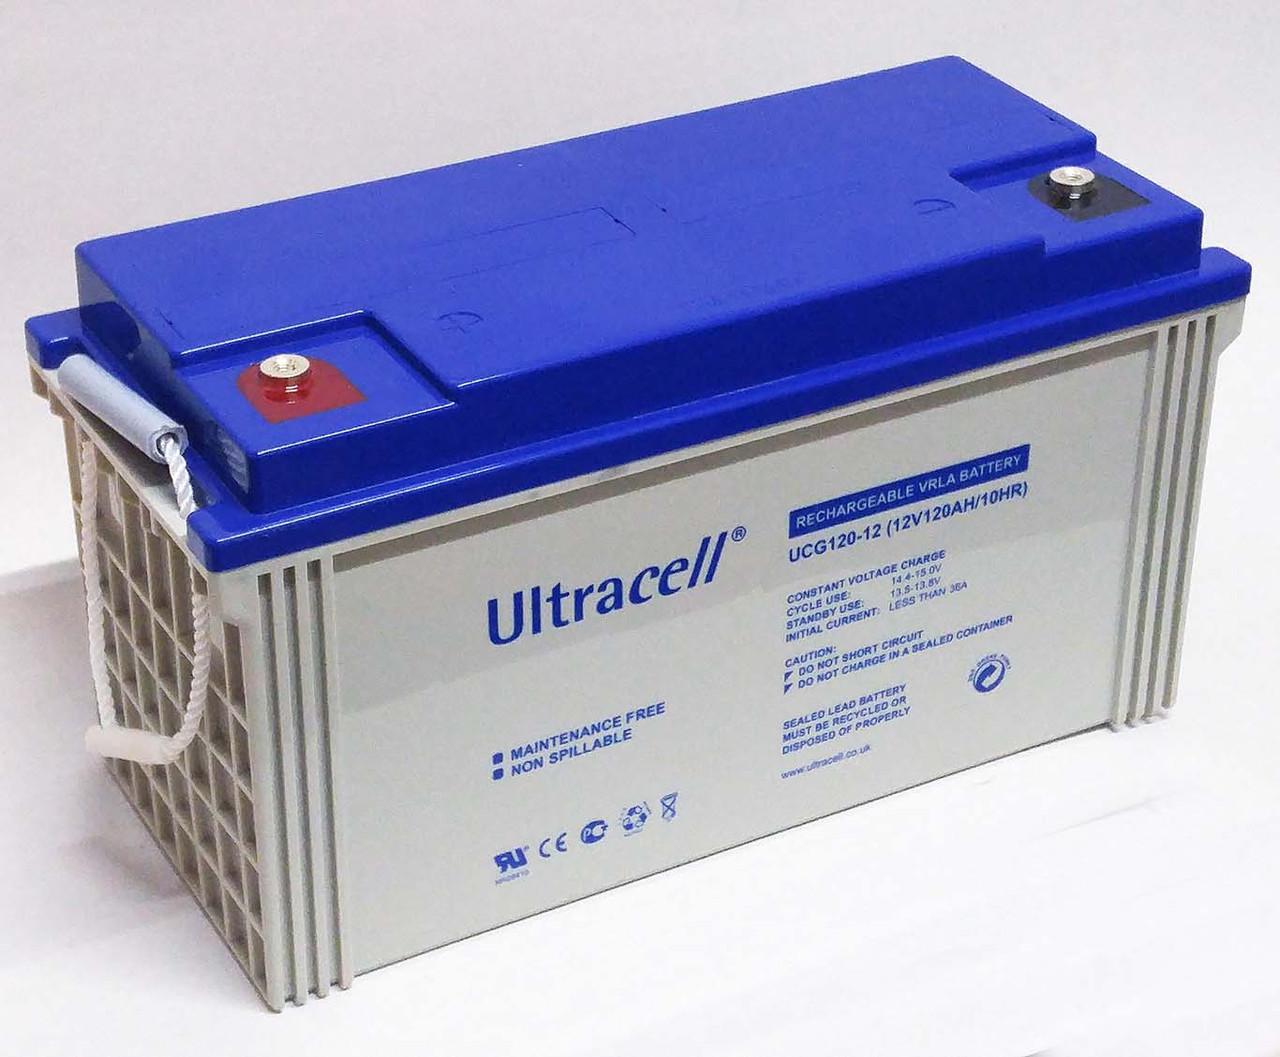 Батарея аккумуляторная Ultracell UCG120-12, 12В, 120Ач, GEL